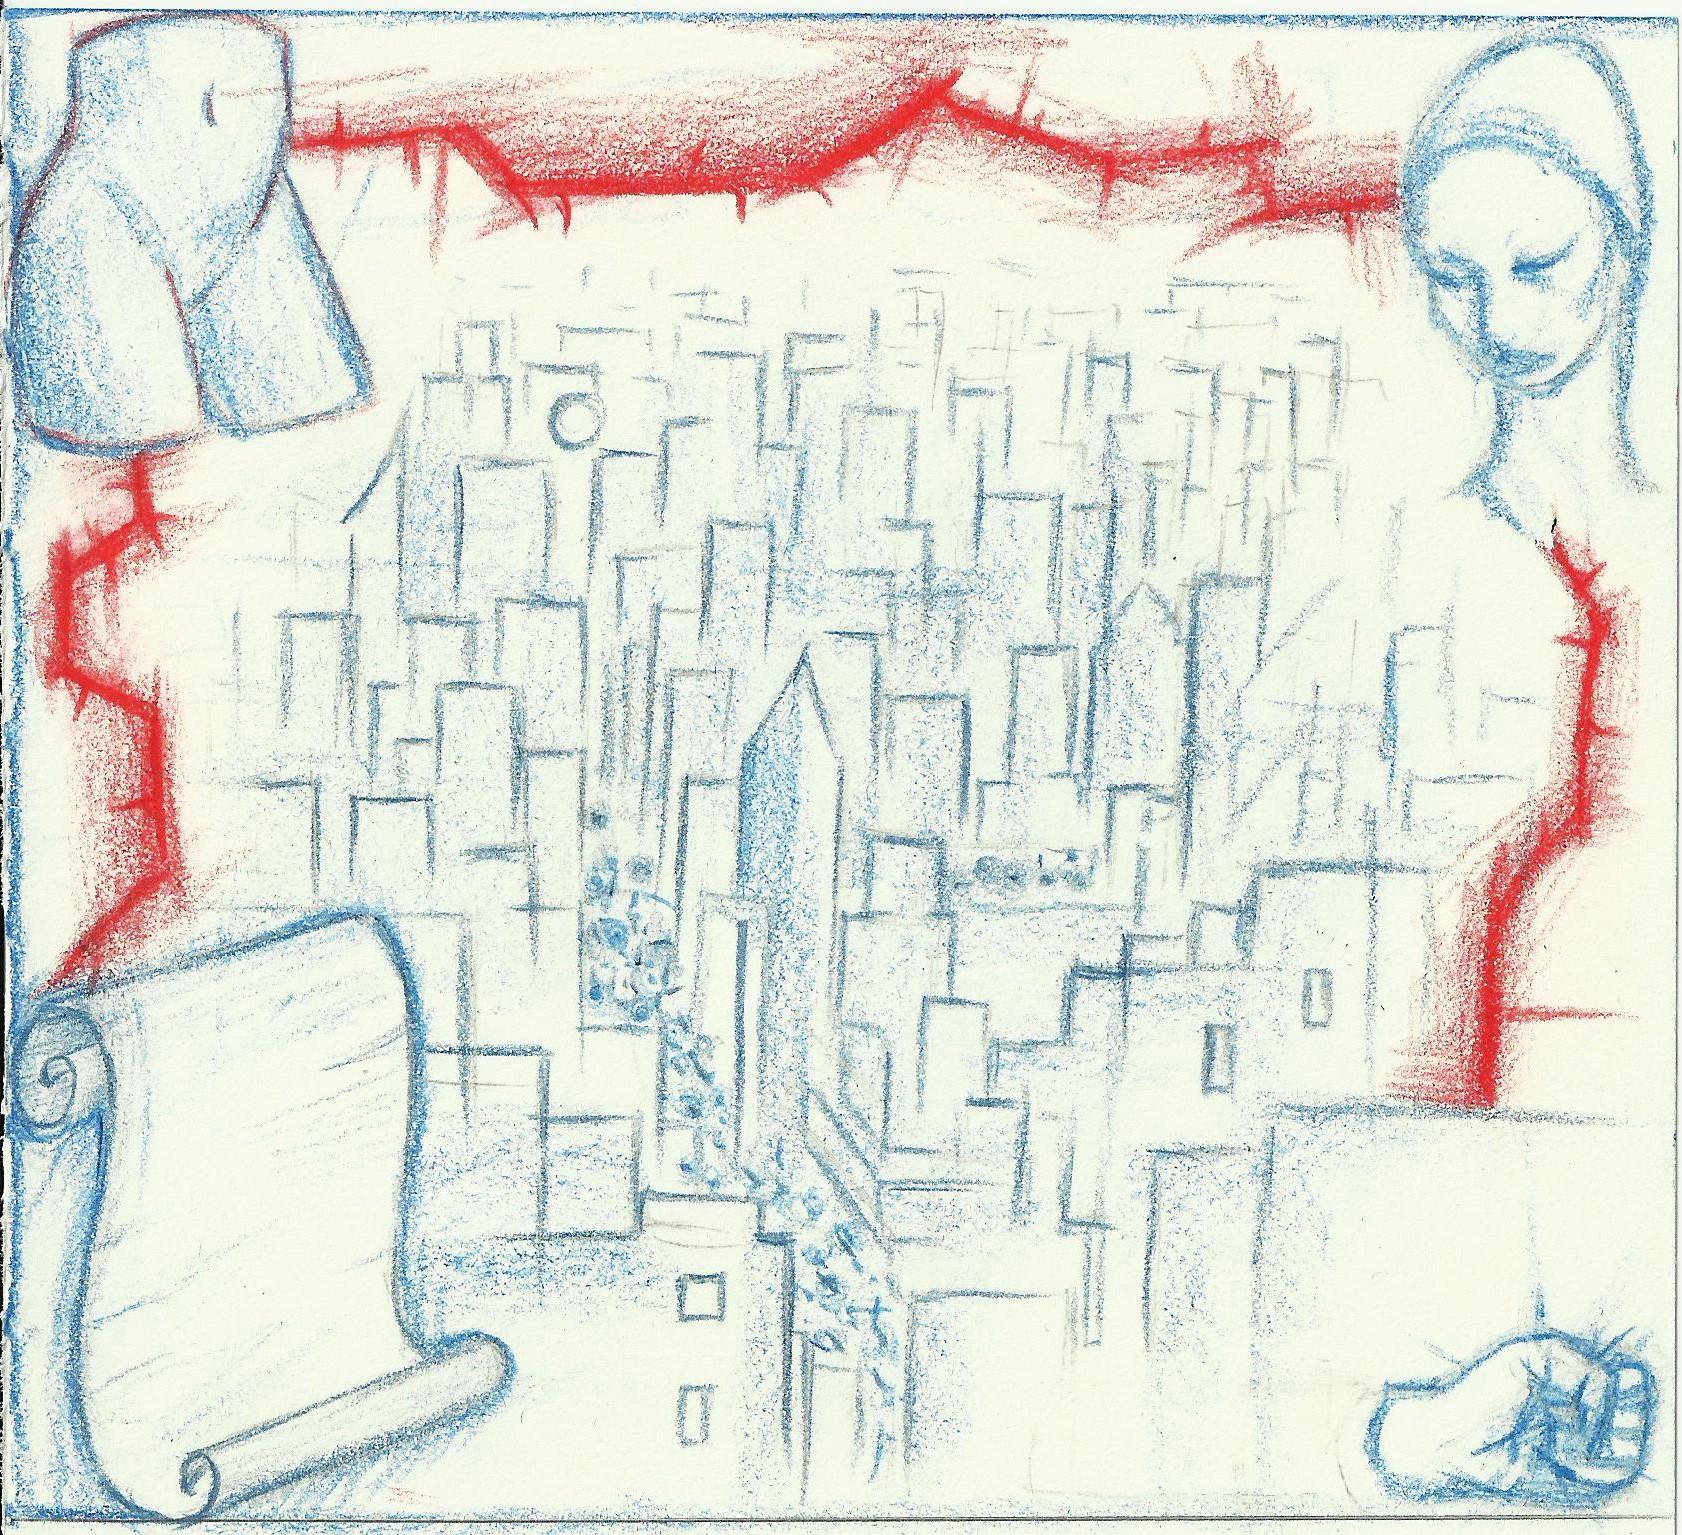 na zdjeciu widzimy rysunek przedstawiajacy zarysy budynkow czerwone kolczaste granice twarzy kobiety w turbanie piesc dolna czesc manekina oraz kartka zawinietego papieru